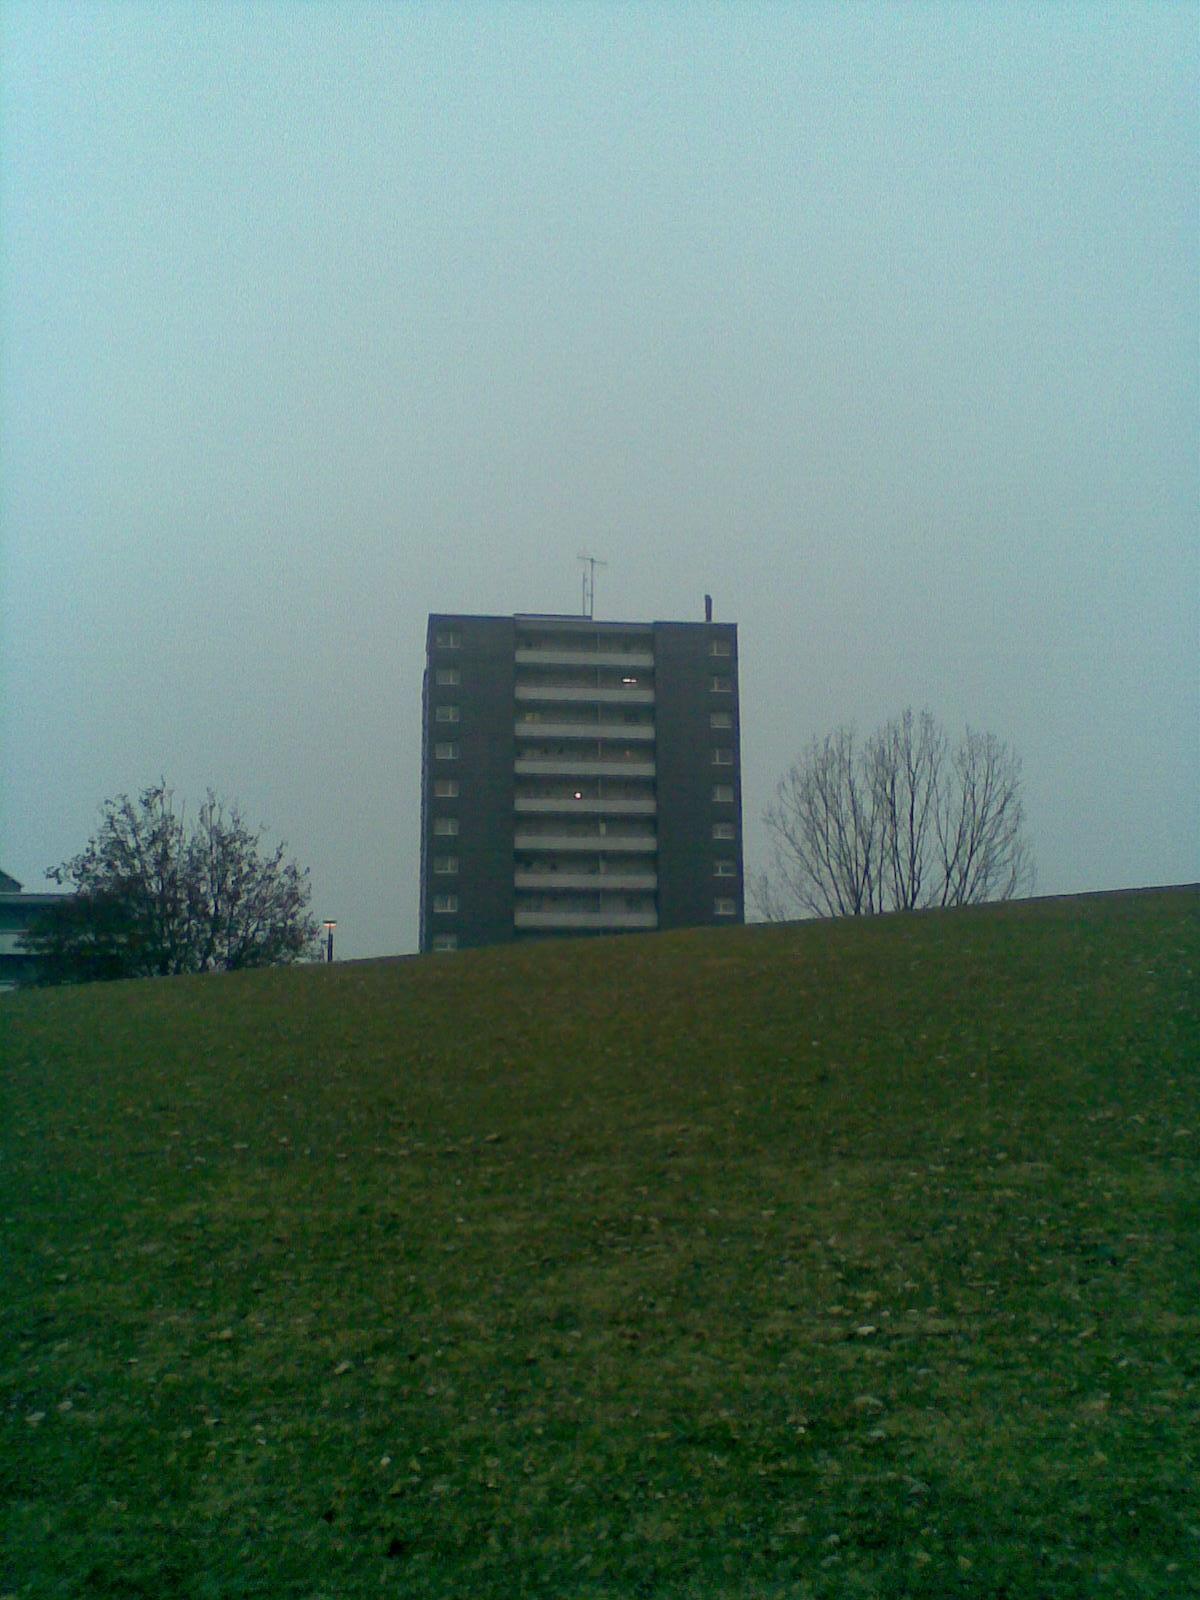 Thu Dec  1 08:17:46 2011